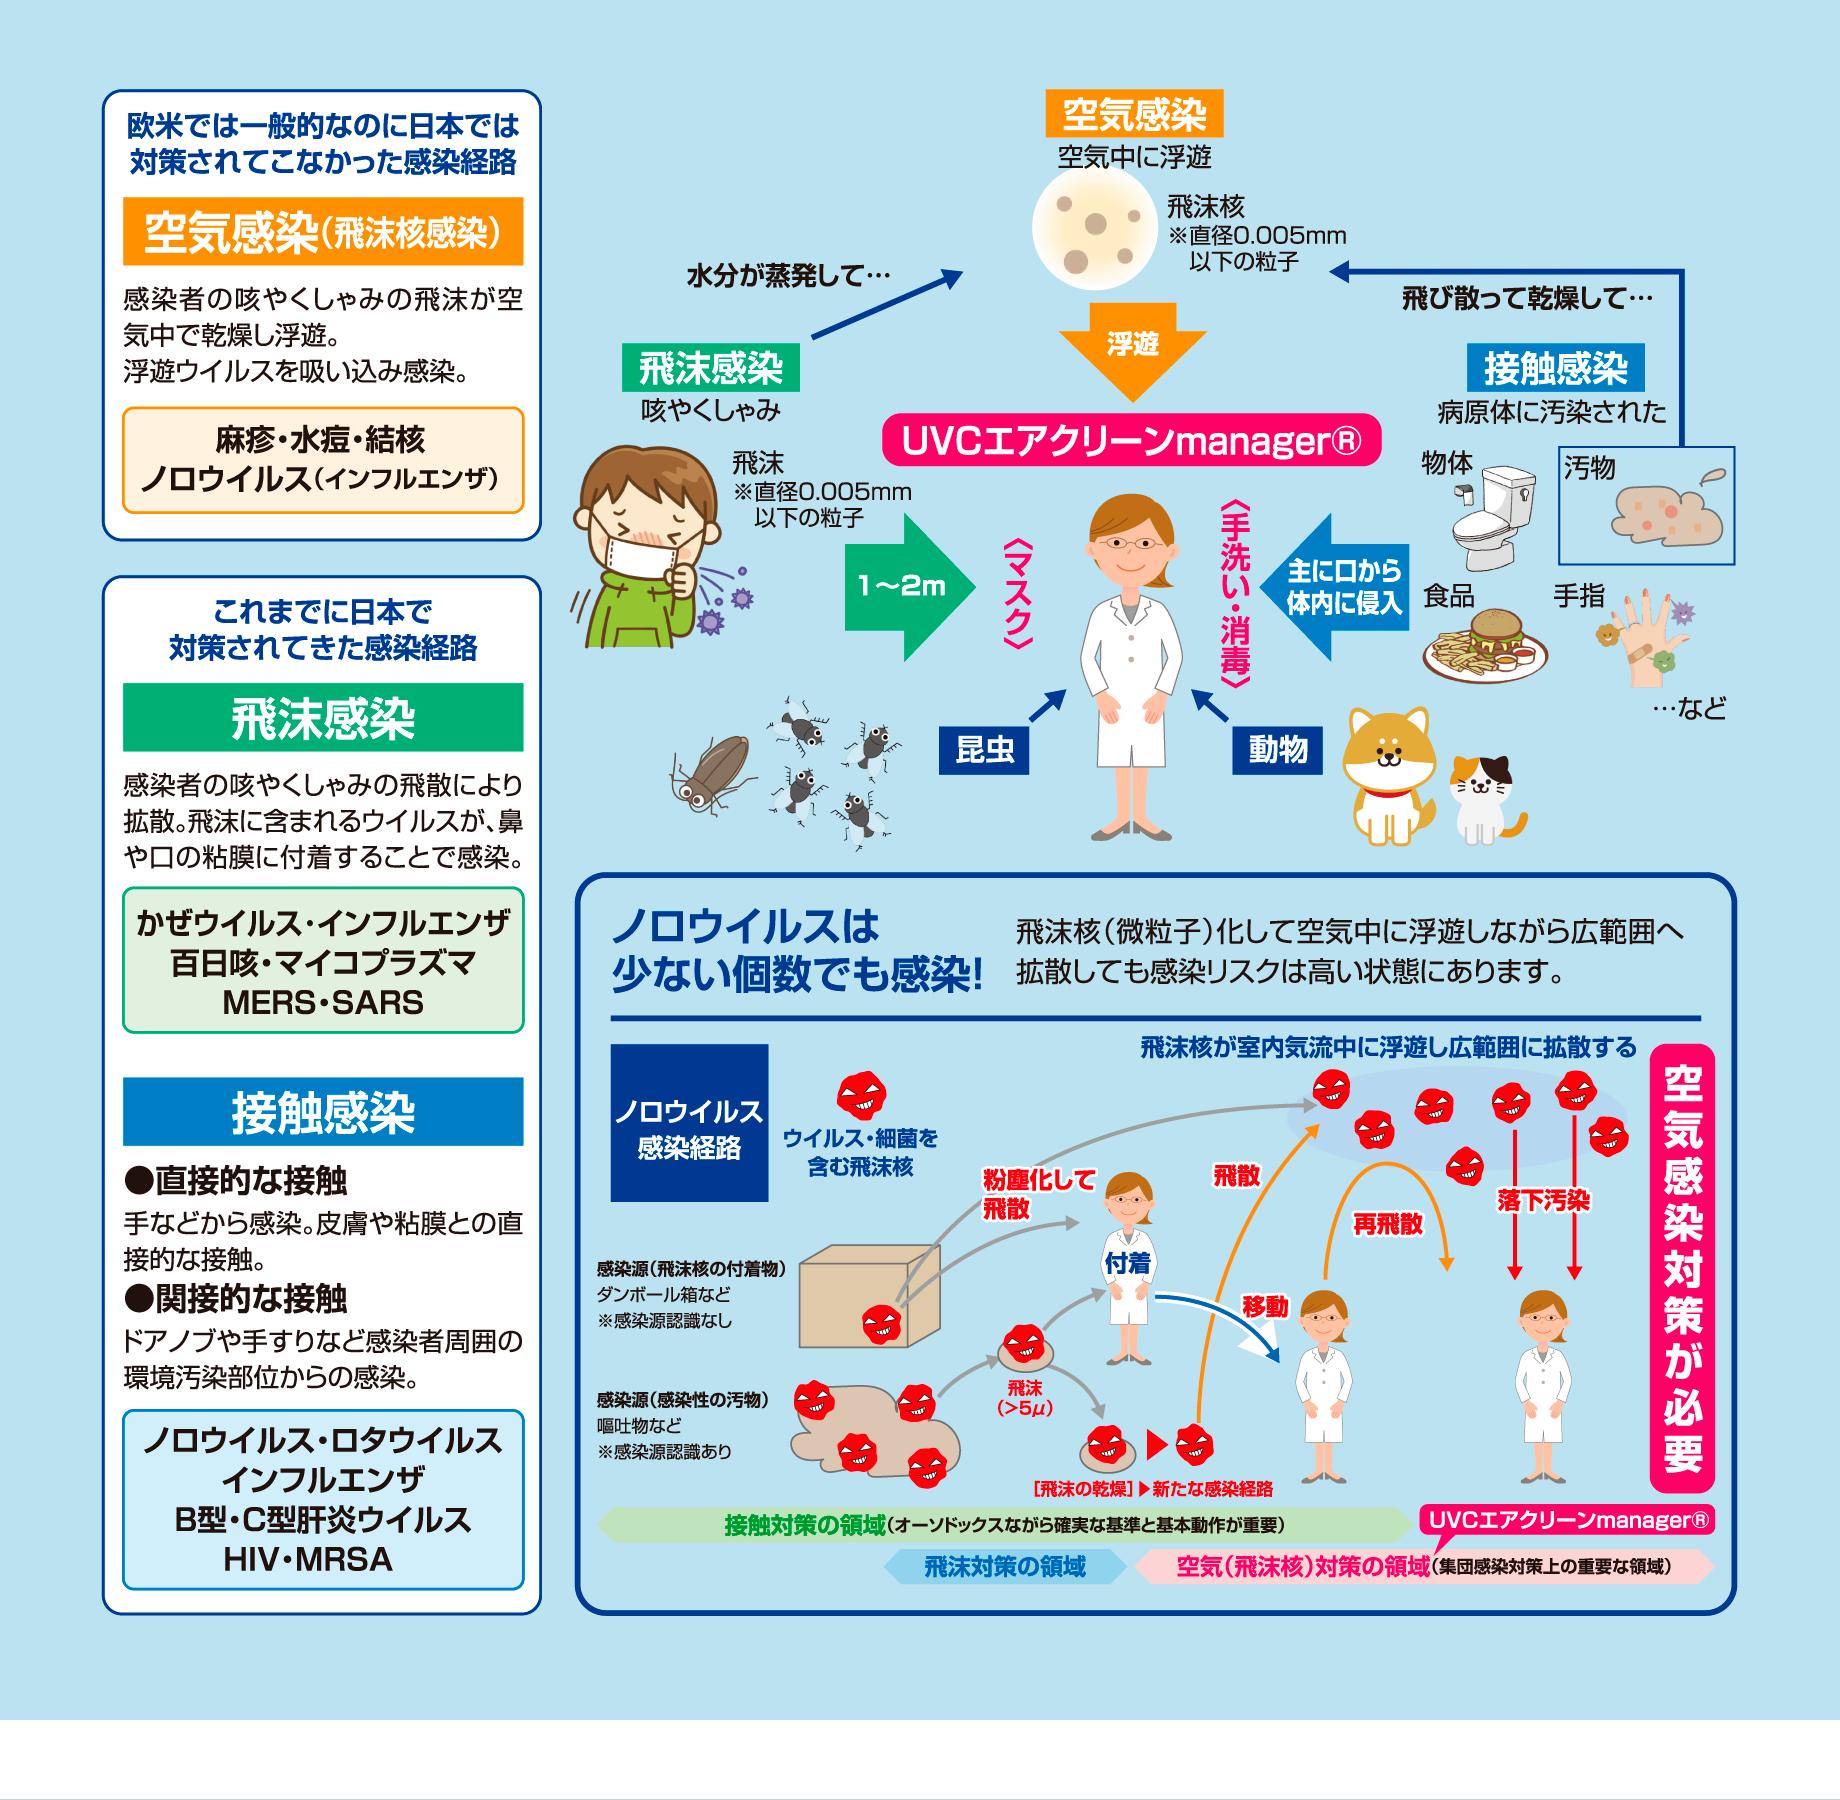 空気感染 麻疹・水痘・結核 ノロウイルス(インフルエンザ) 飛沫感染 かぜウイルス・インフルエンザ 百日咳・マイコプラズマ MERS・SARS 接触感染 ノロウイルス・ロタウイルス インフルエンザ B型・C型肝炎ウイルス HIV・MRSA